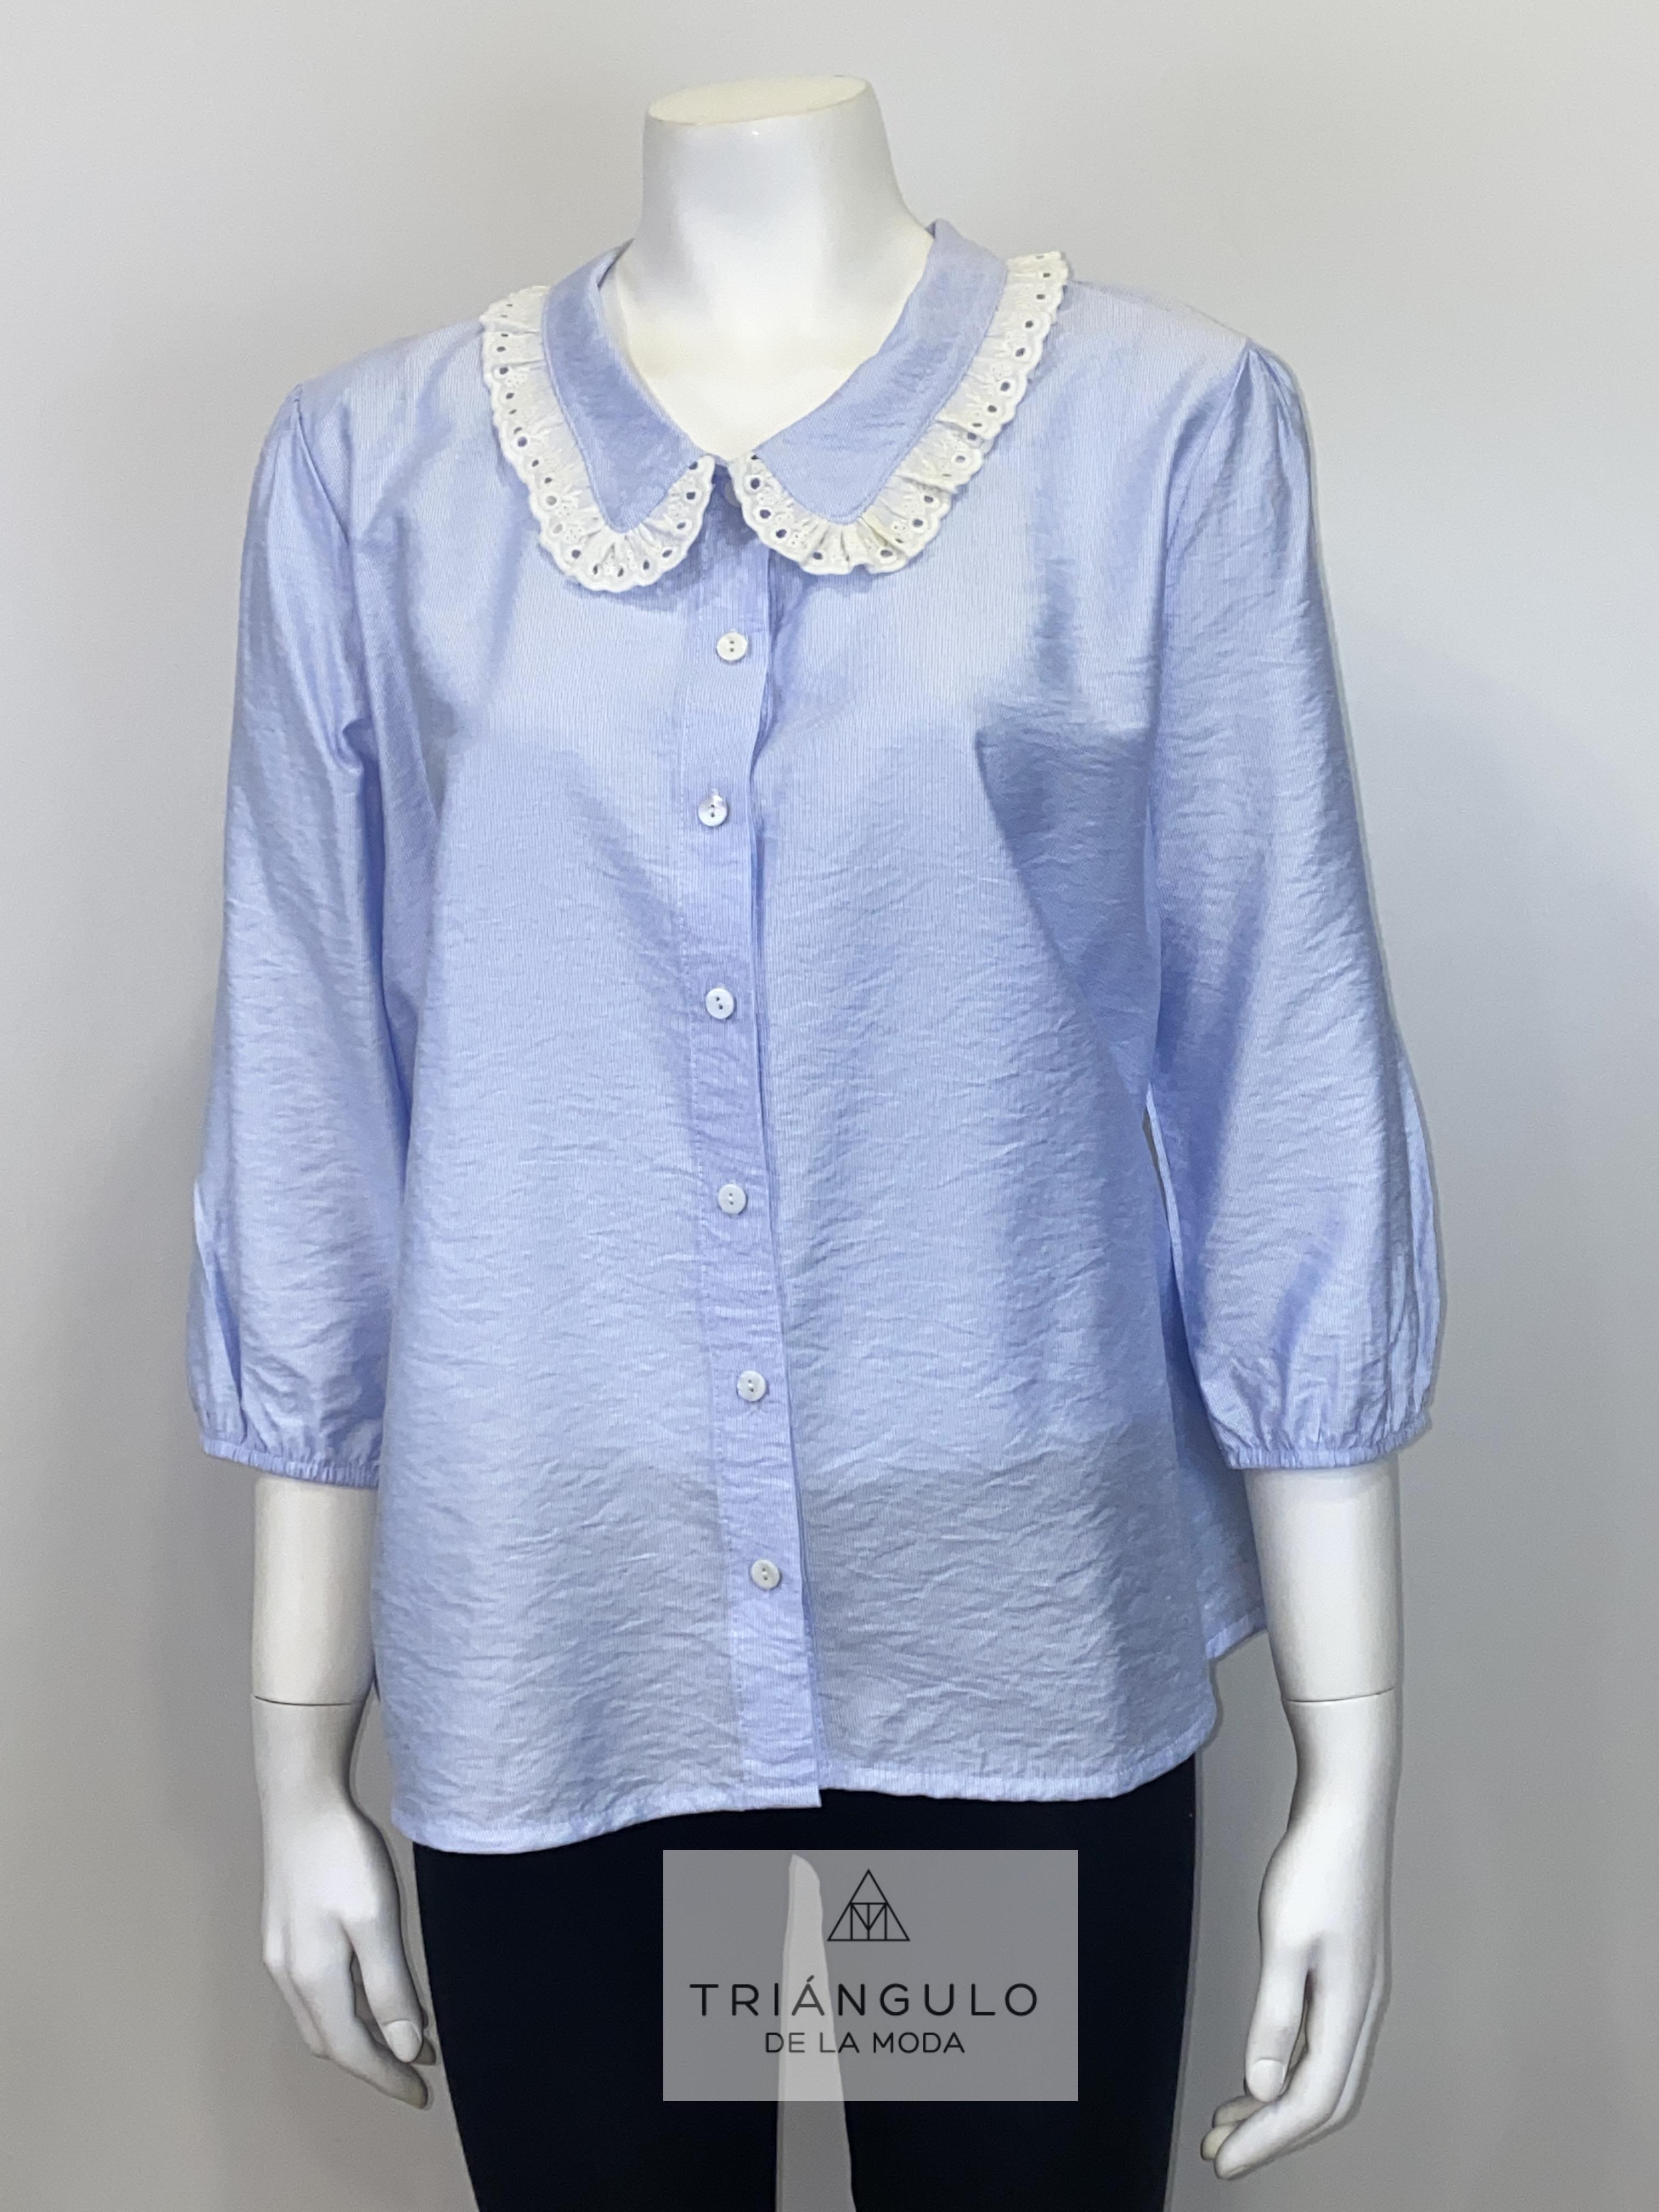 Tienda online del Triangulo de la Moda bulsa